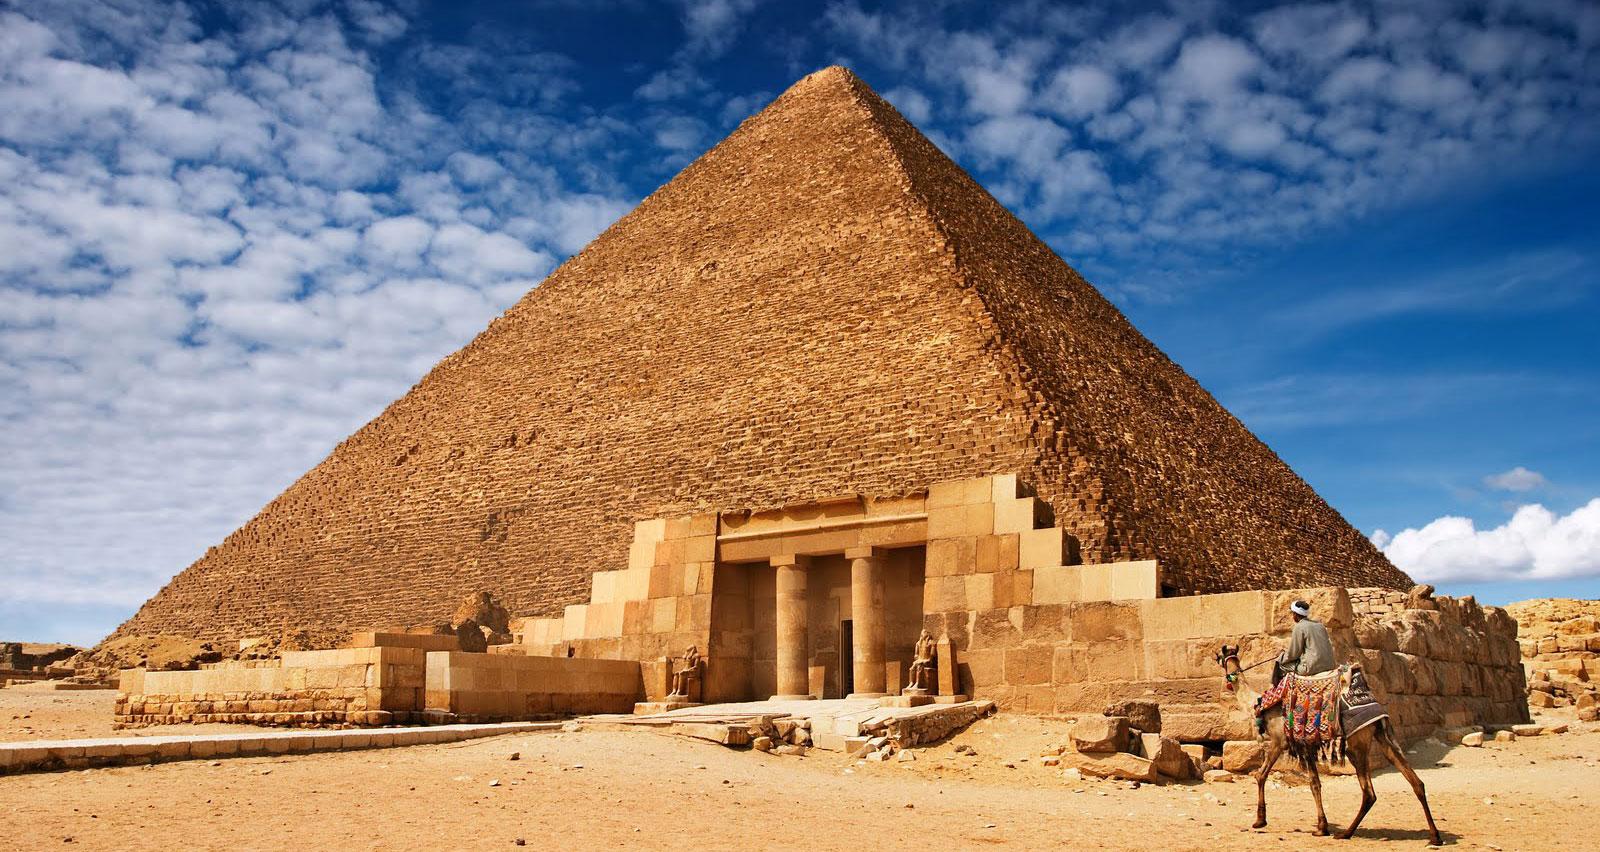 Mısır Piramitlerinin Gizemini Çözen İnanılmaz ipucu